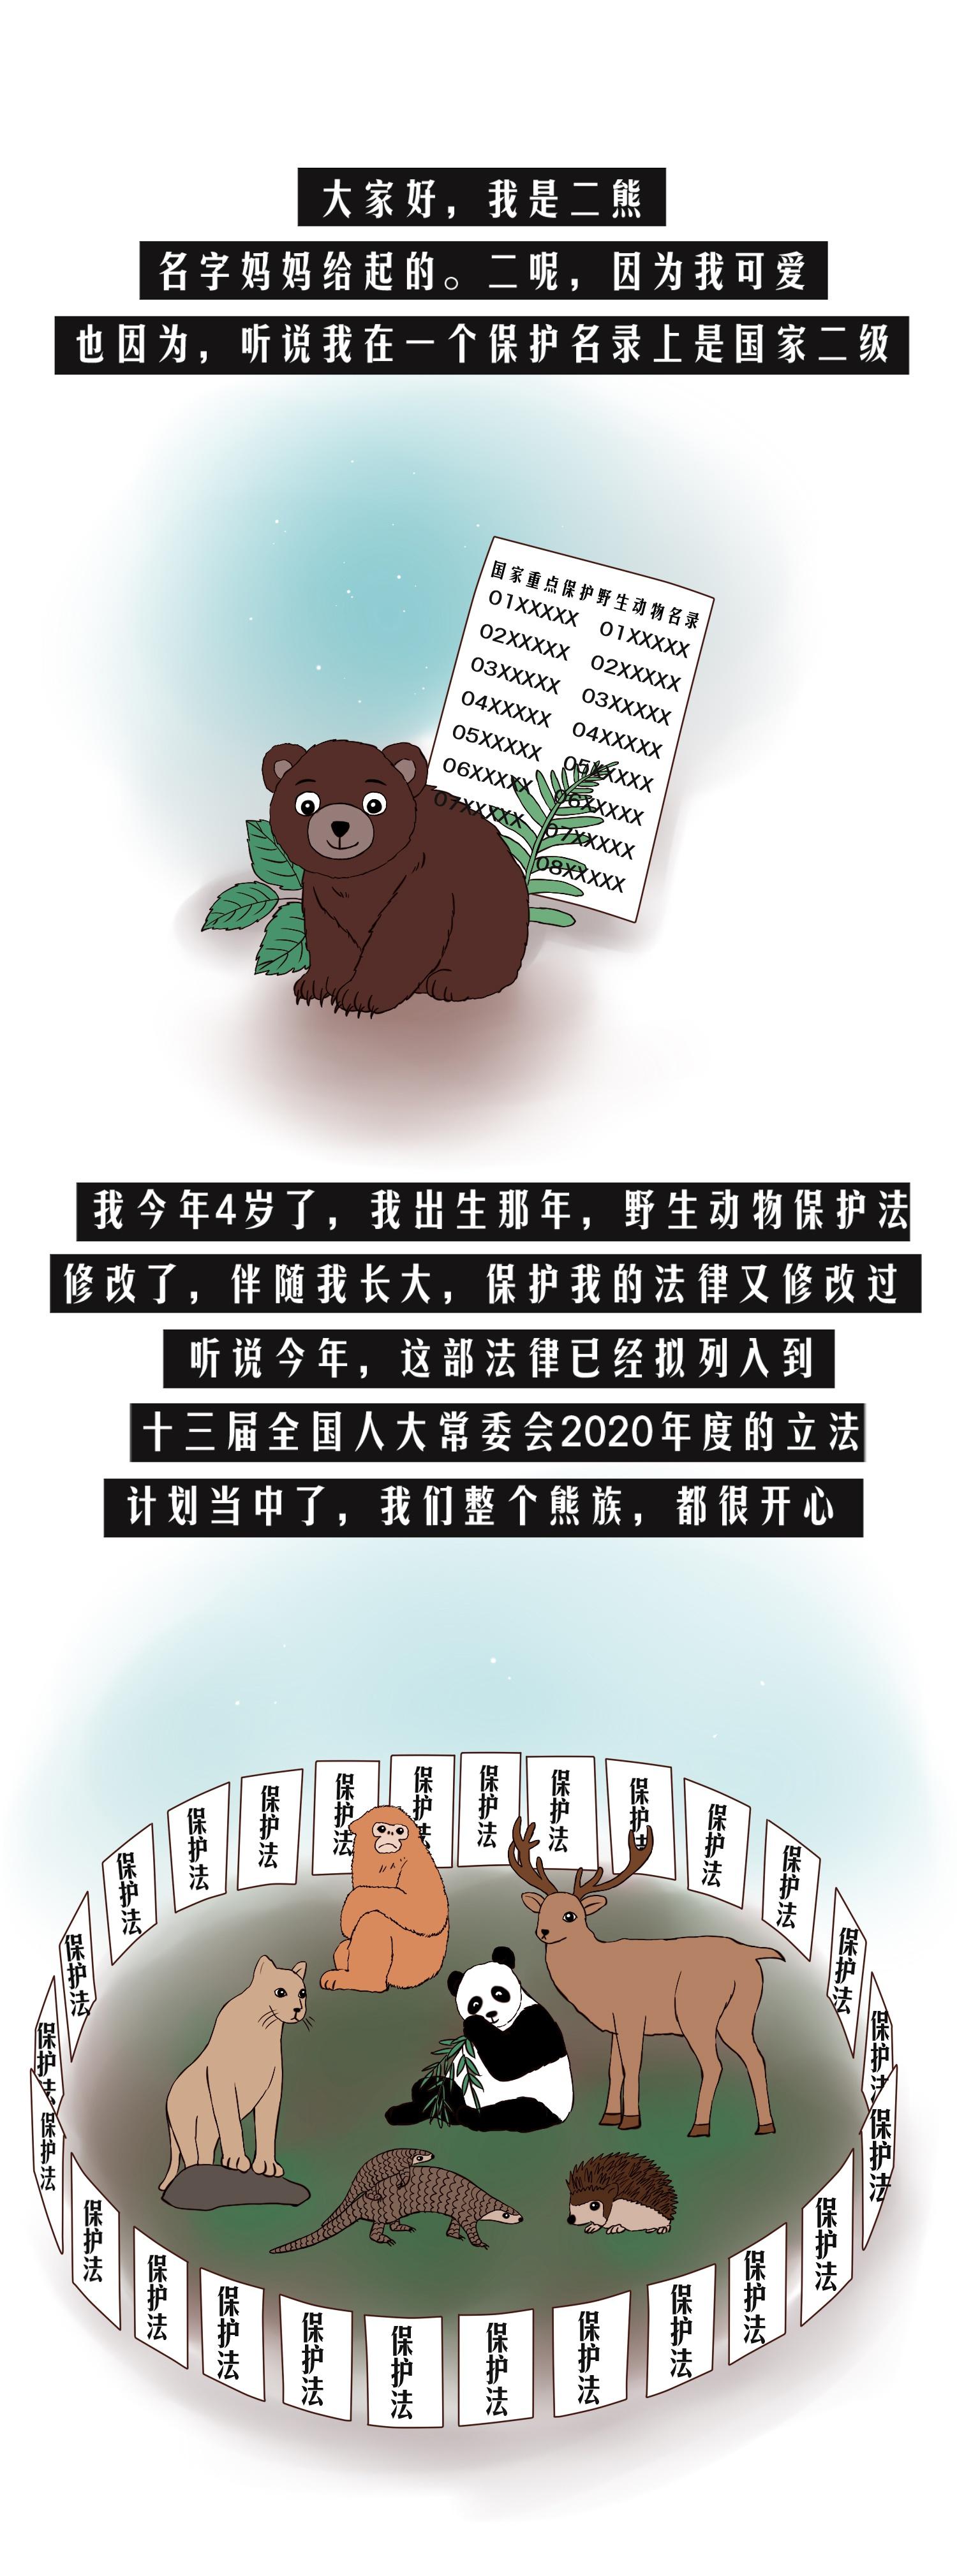 二熊的烦恼图片